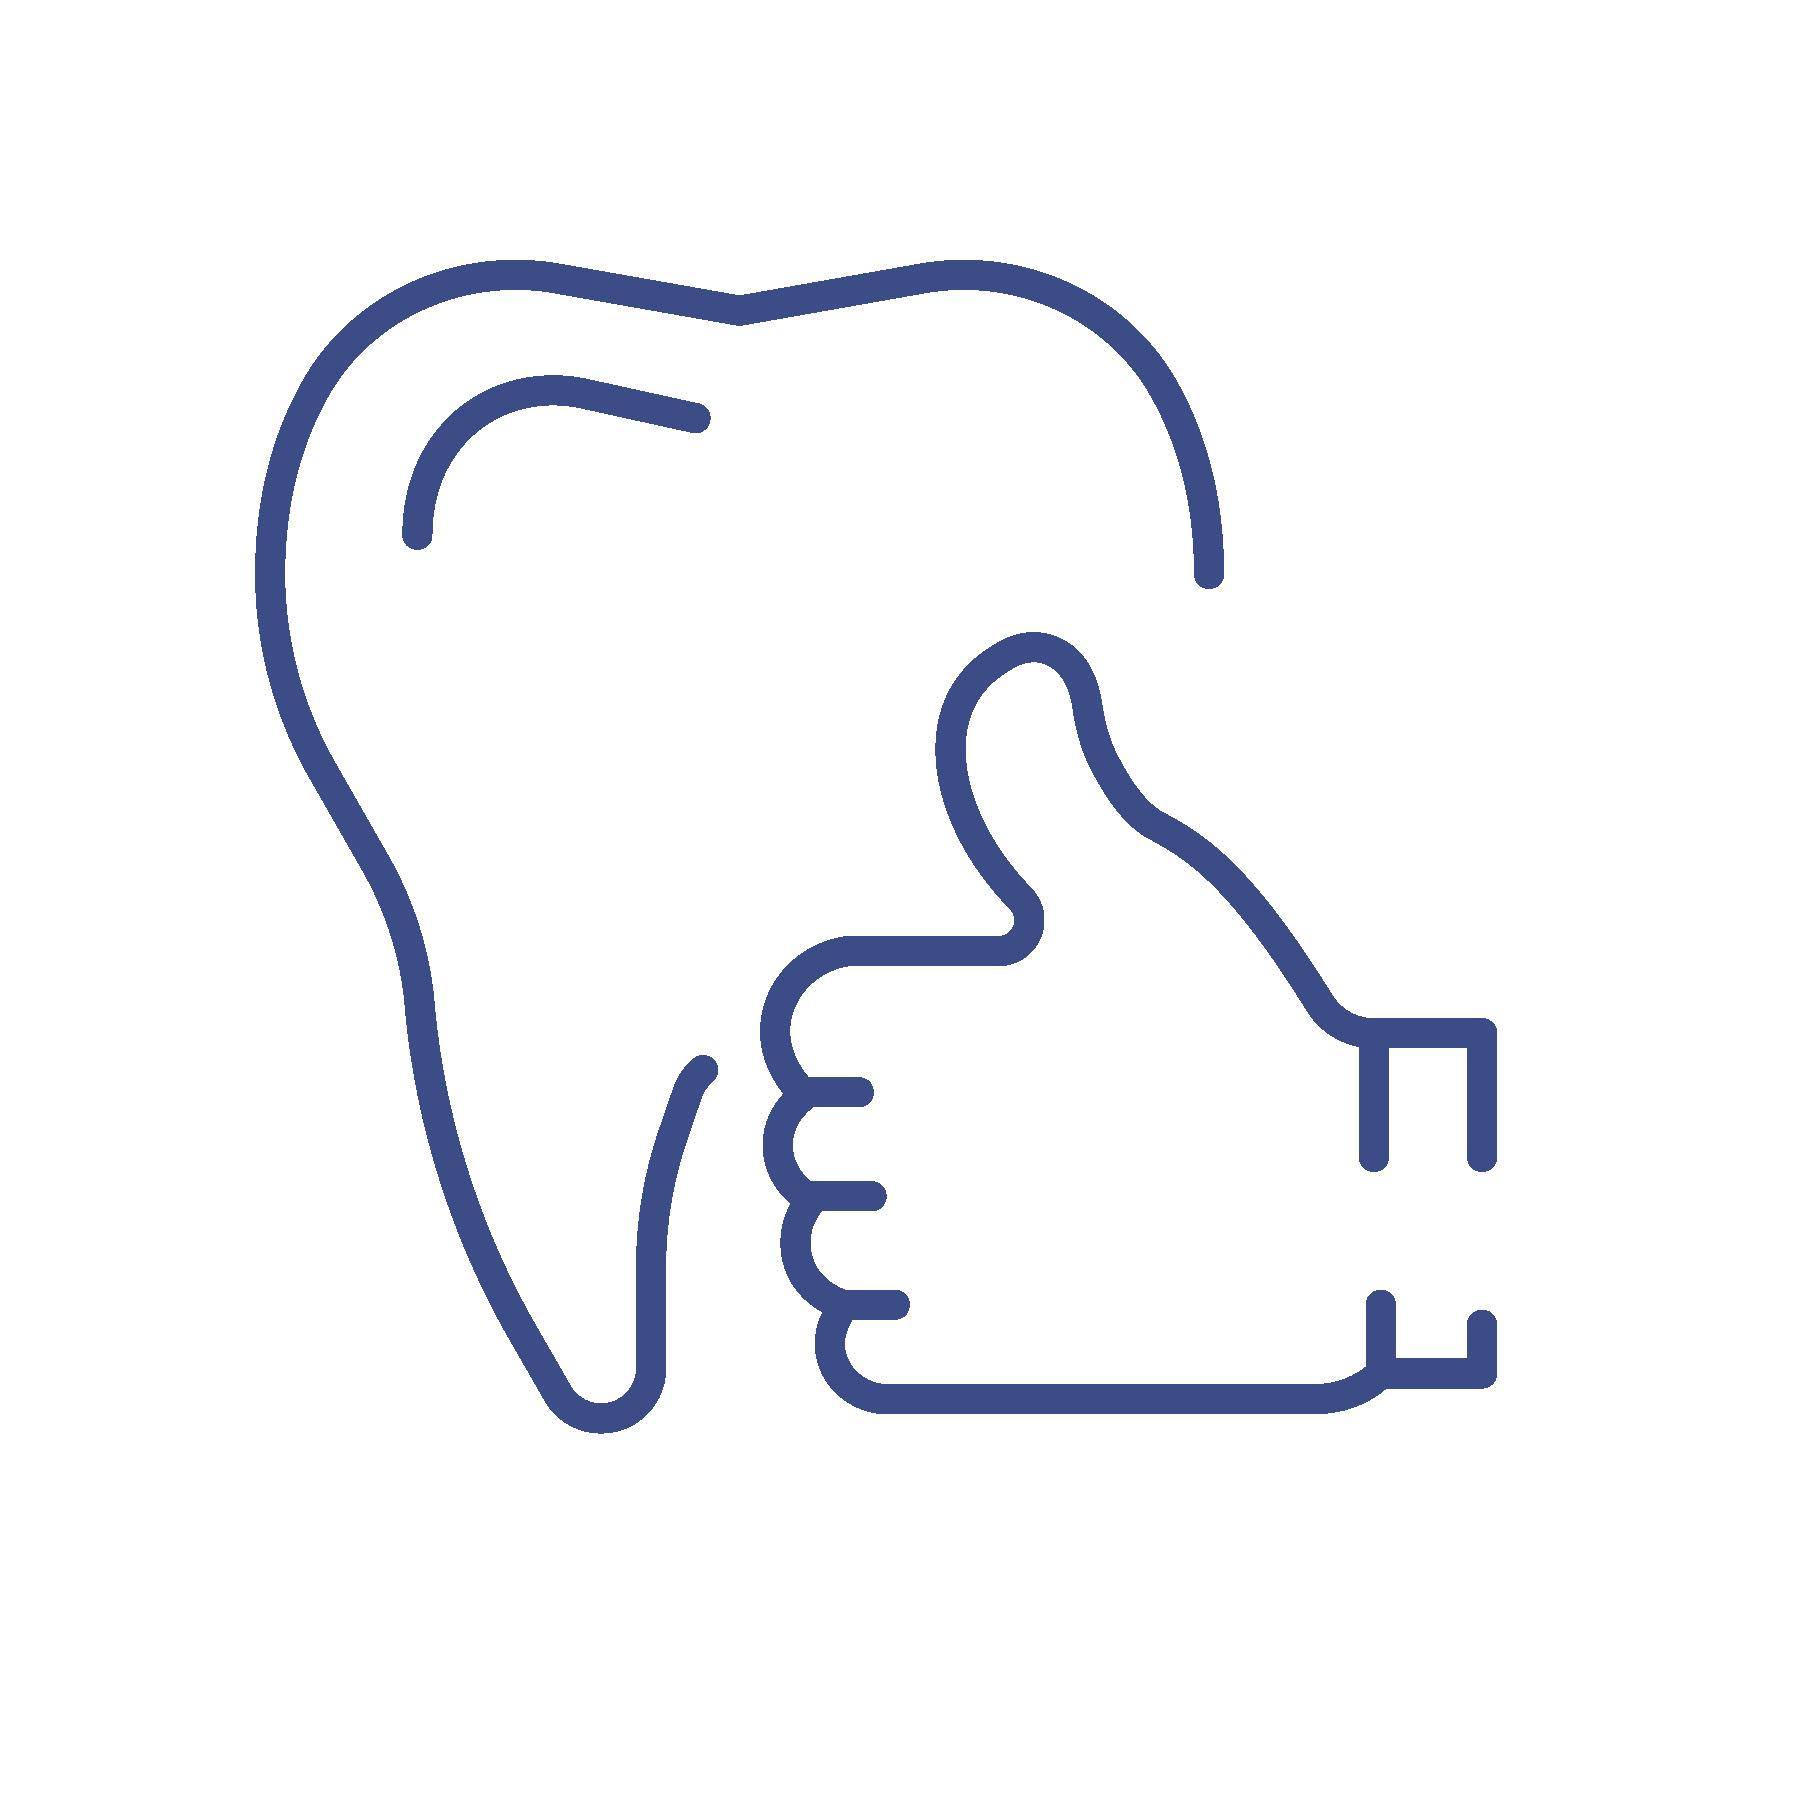 Comprehensive exam logo